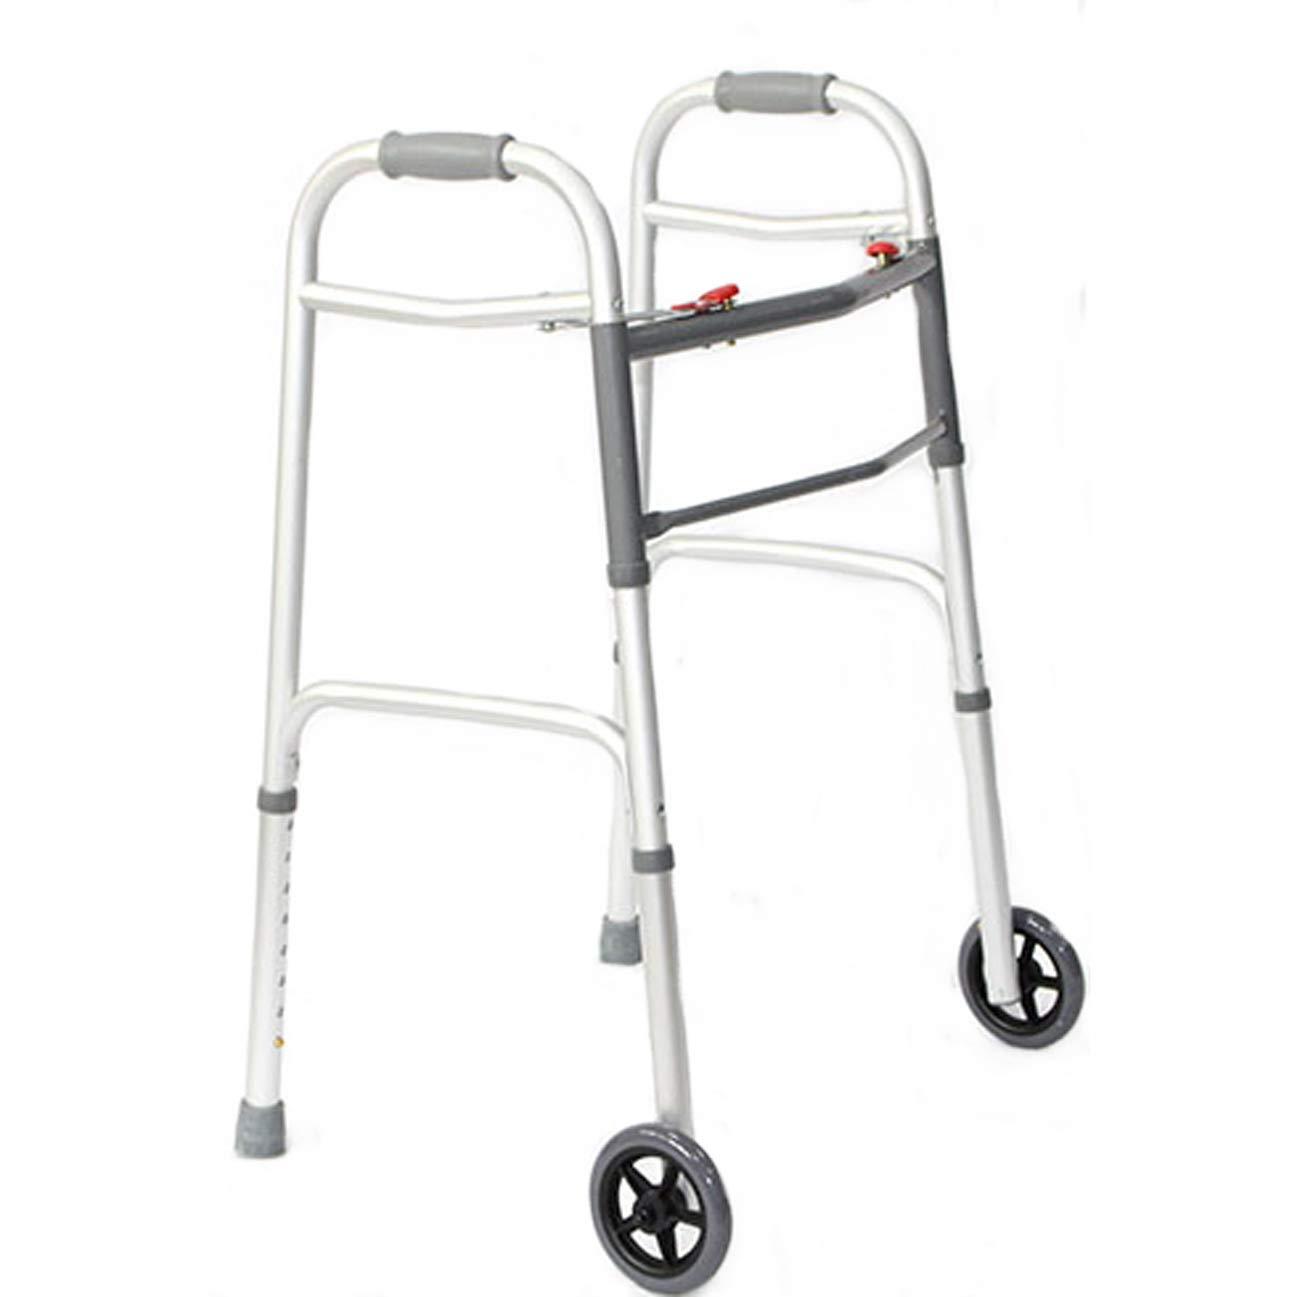 【日本産】 高齢者の歩行者 (設計、折畳みアルミ構造の歩行歩行器、2キャスターを持っているリハビリ歩行者を支援する :、マルチスタイルのオプション (設計 : B) B) B B07L8BY4LY, シルバーカーと車椅子の店YUA:f293af4b --- a0267596.xsph.ru